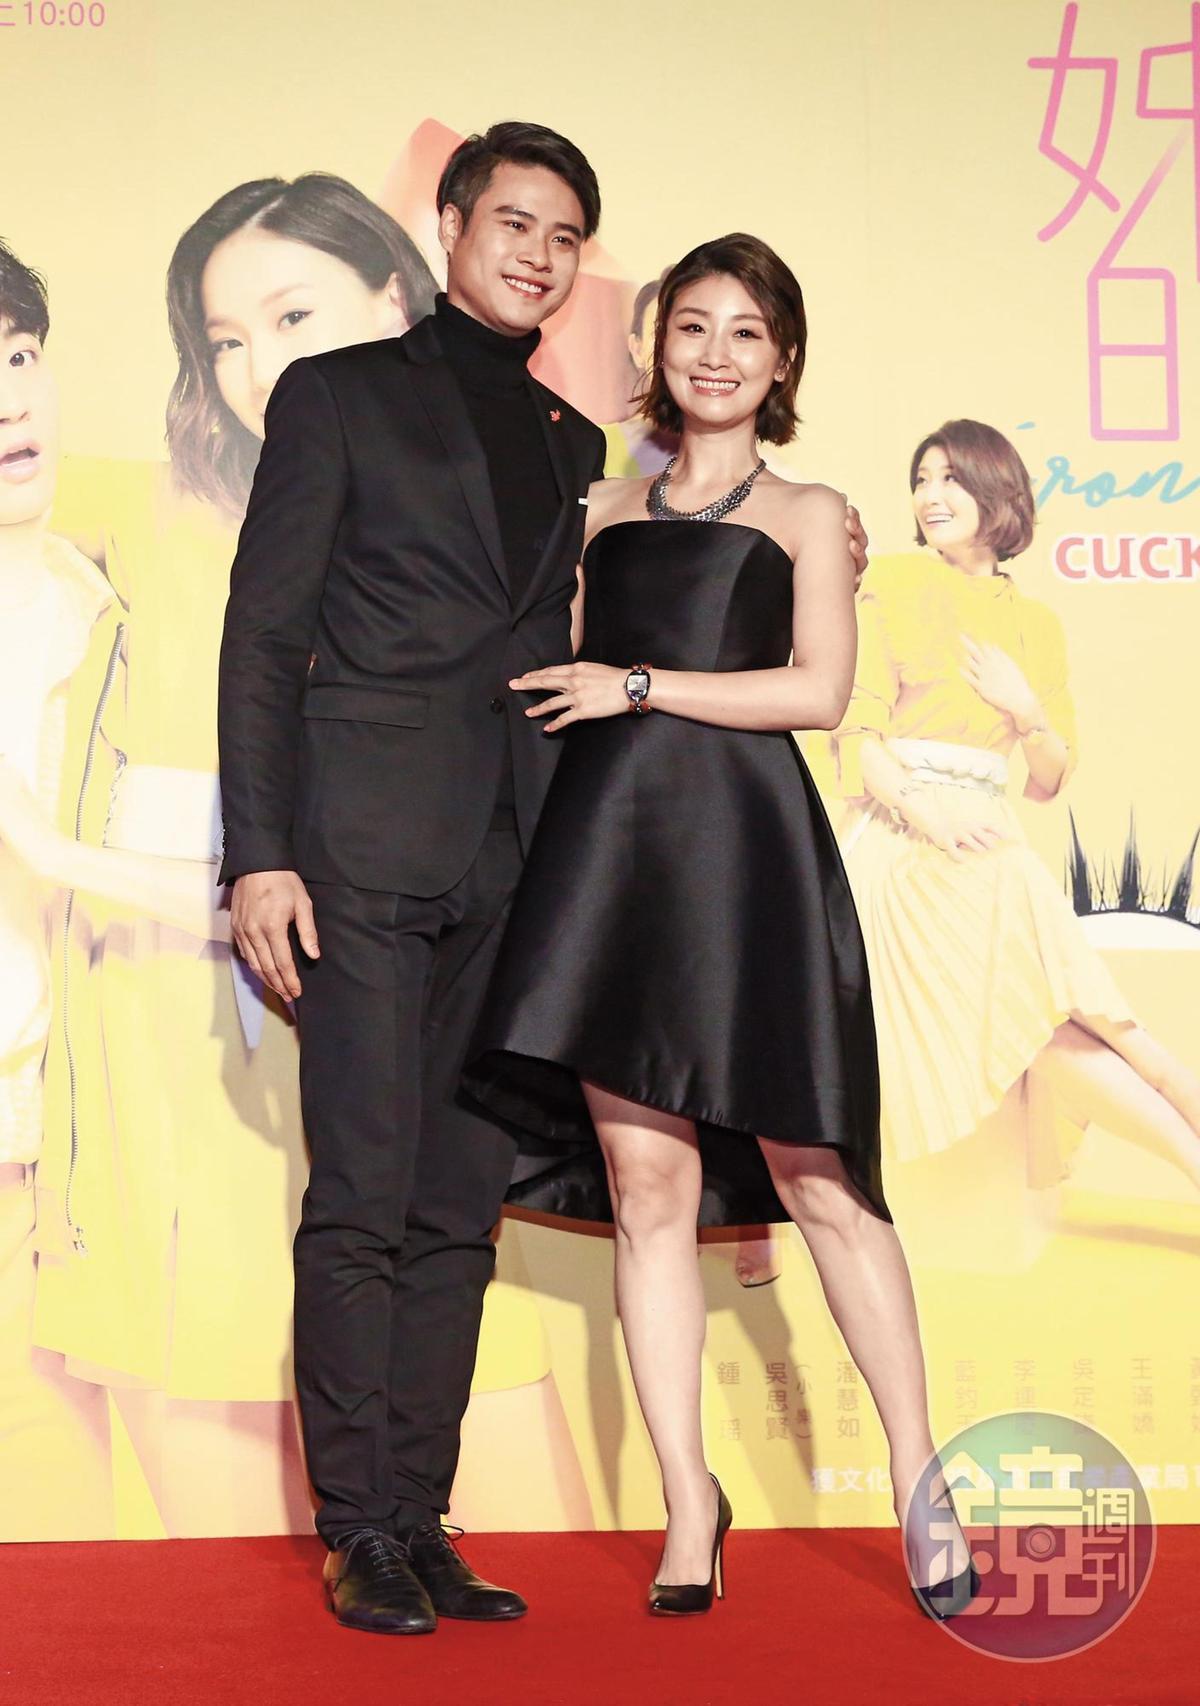 吳定謙2016年爆過劈腿醜聞,他和朱芷瑩(右)合作《姐的時代》戲裡也飾演找小三的渣男,戲裡戲外互相輝映,也可能起療癒作用。